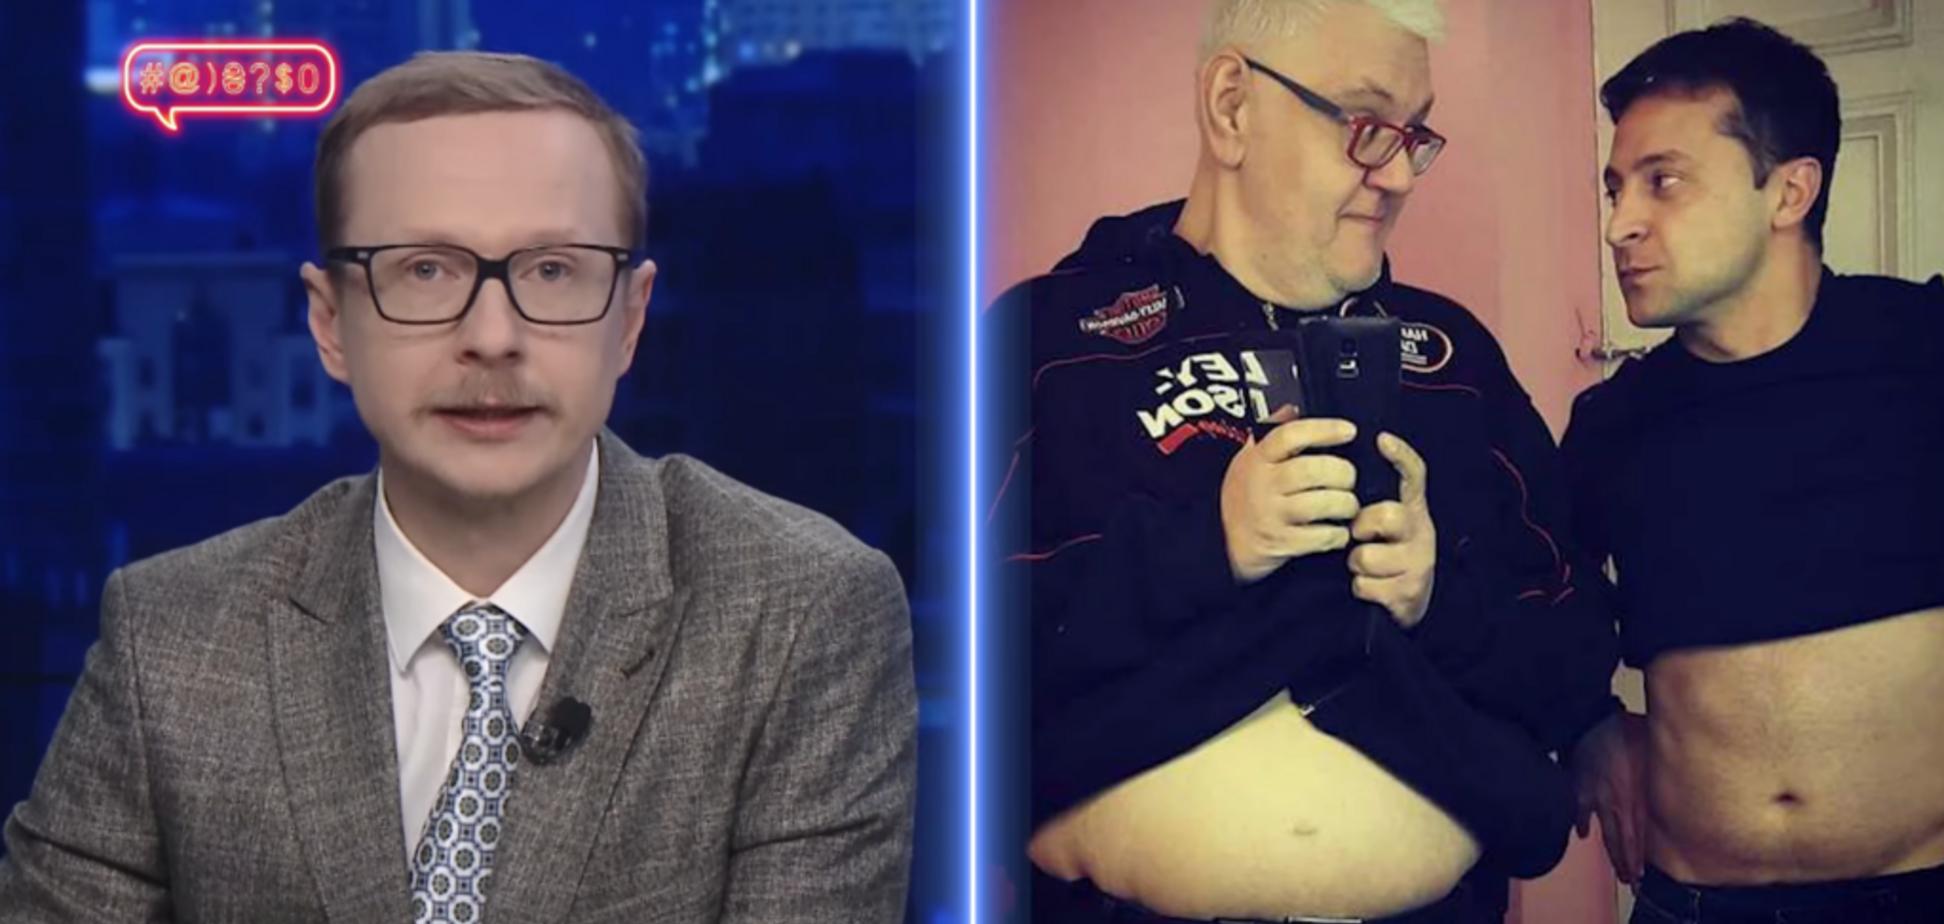 'Зеленський зробив розсилку в Viber': Щур пожартував над кандидатами від 'Слуги народу'